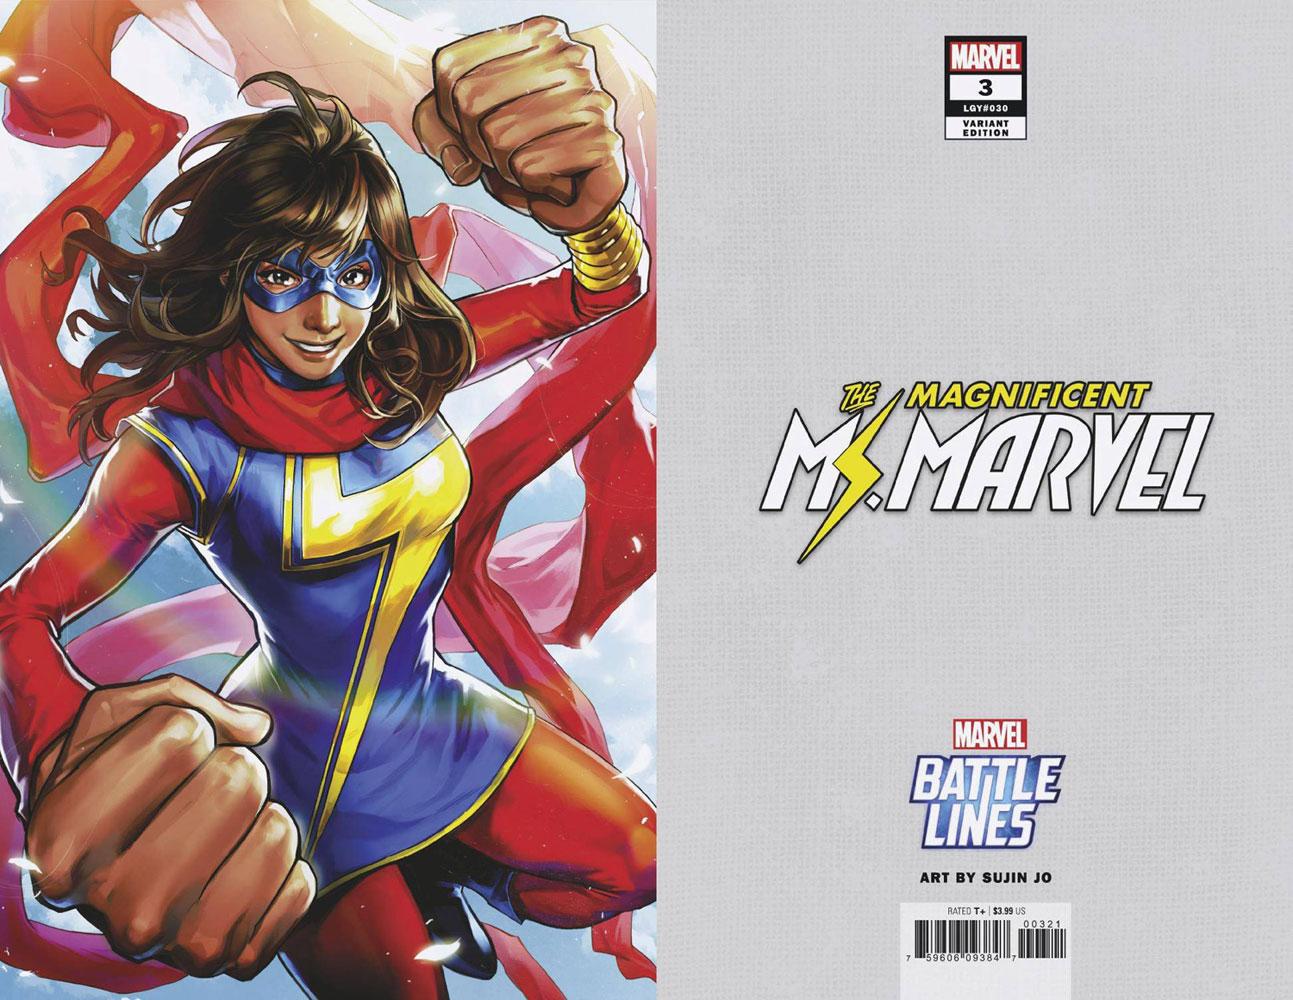 Magnificent Ms. Marvel #3 (variant Marvel Battle Lines cover - Sujin Jo) - Marvel Comics